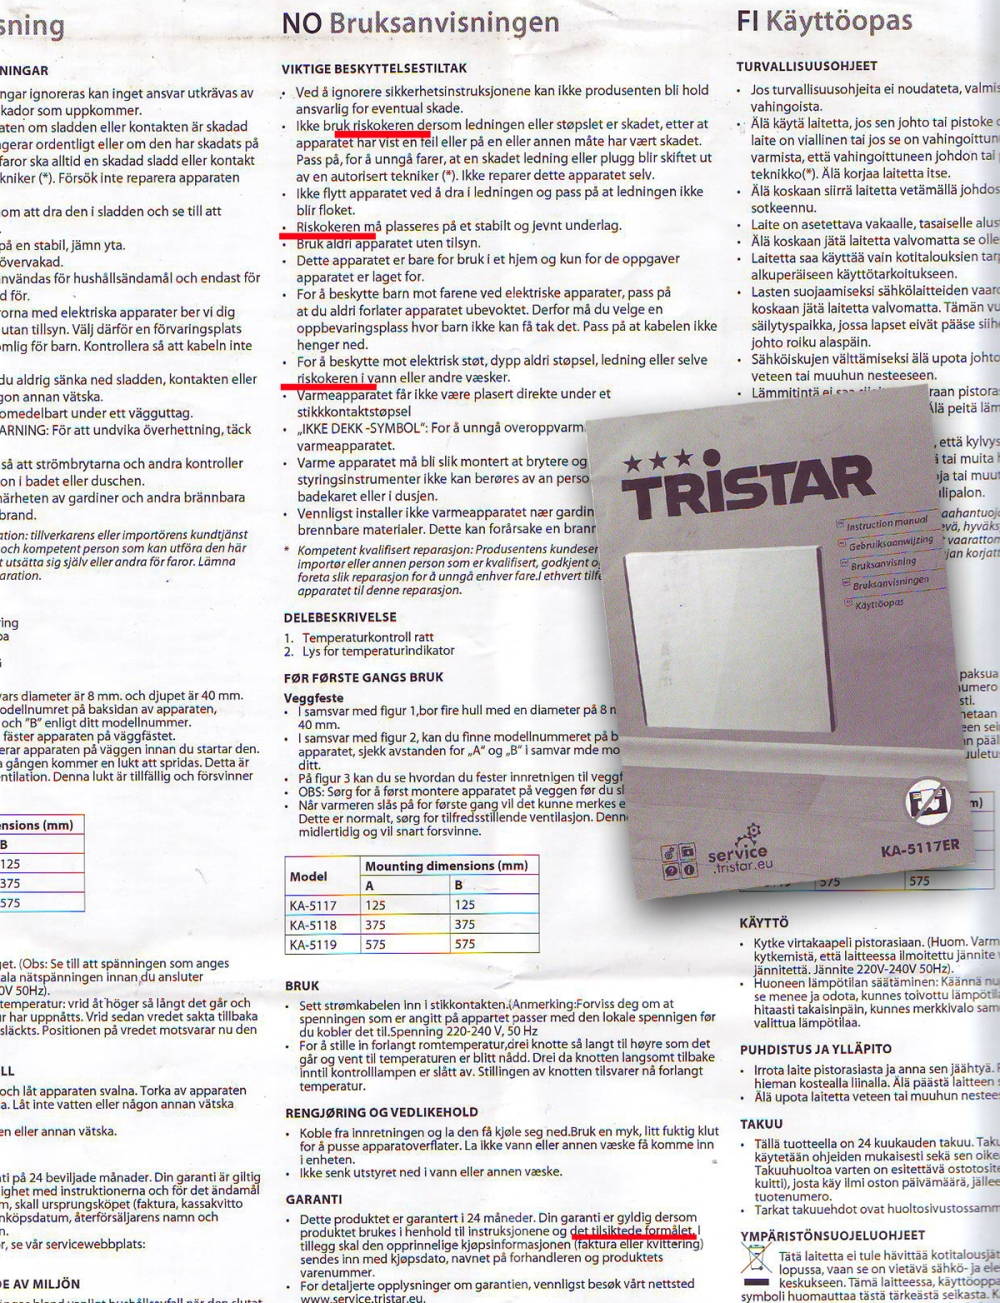 tristar_riskoker_tommetanker